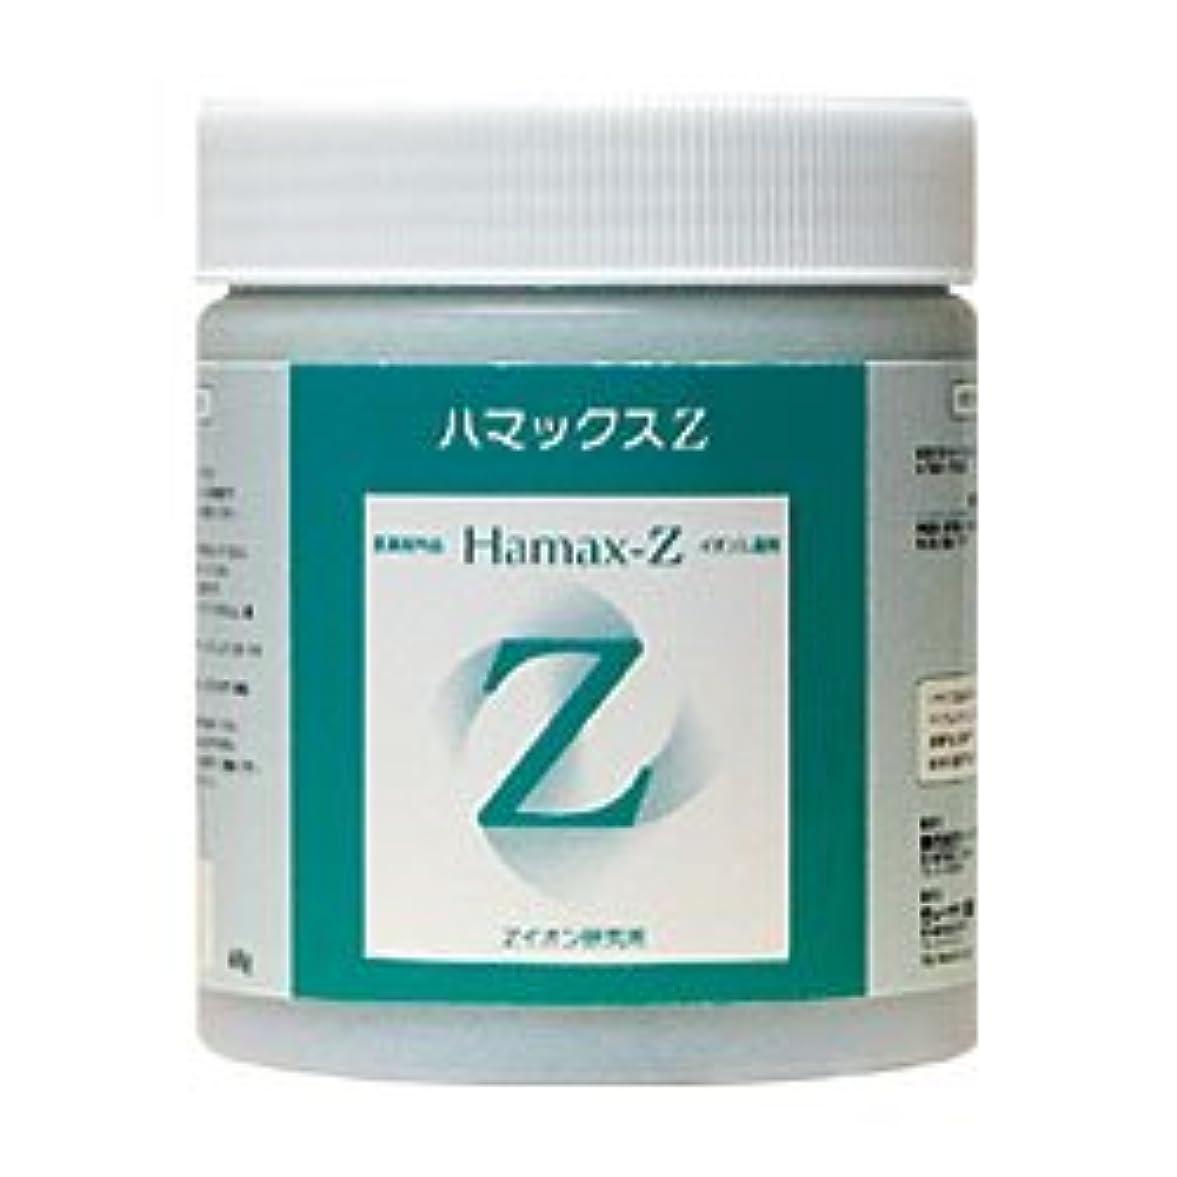 医薬品命令もろい医薬部外品 イオン入湯剤ハマックスZ 400g